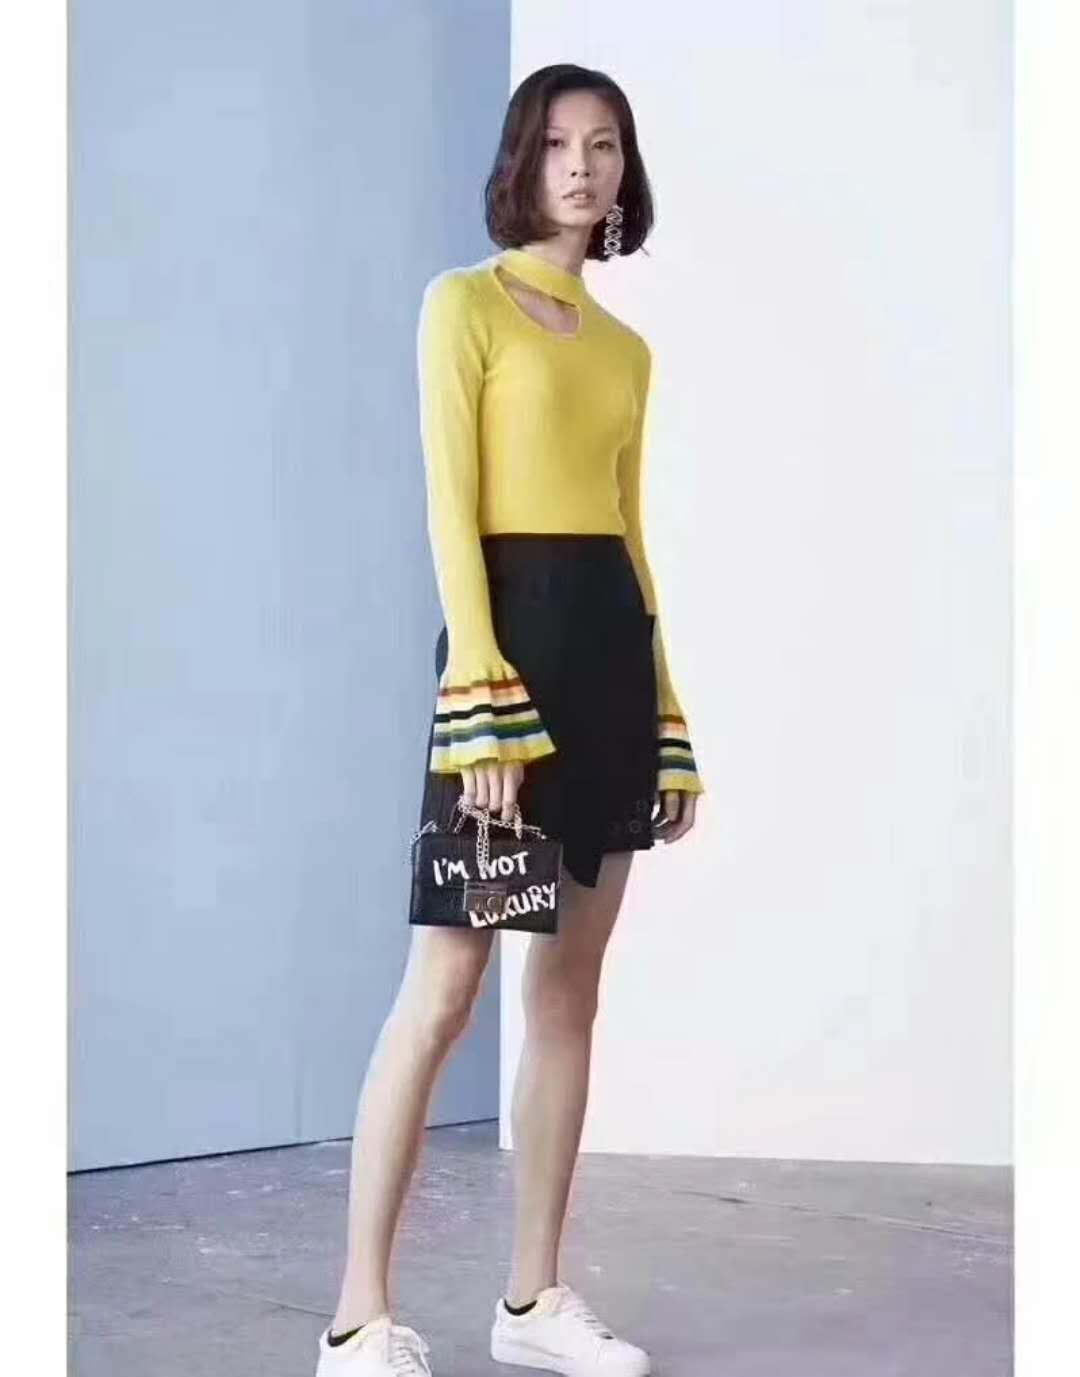 广州伊曼服饰专做品牌女装折扣批发,R&D索典时尚女装尾货走份